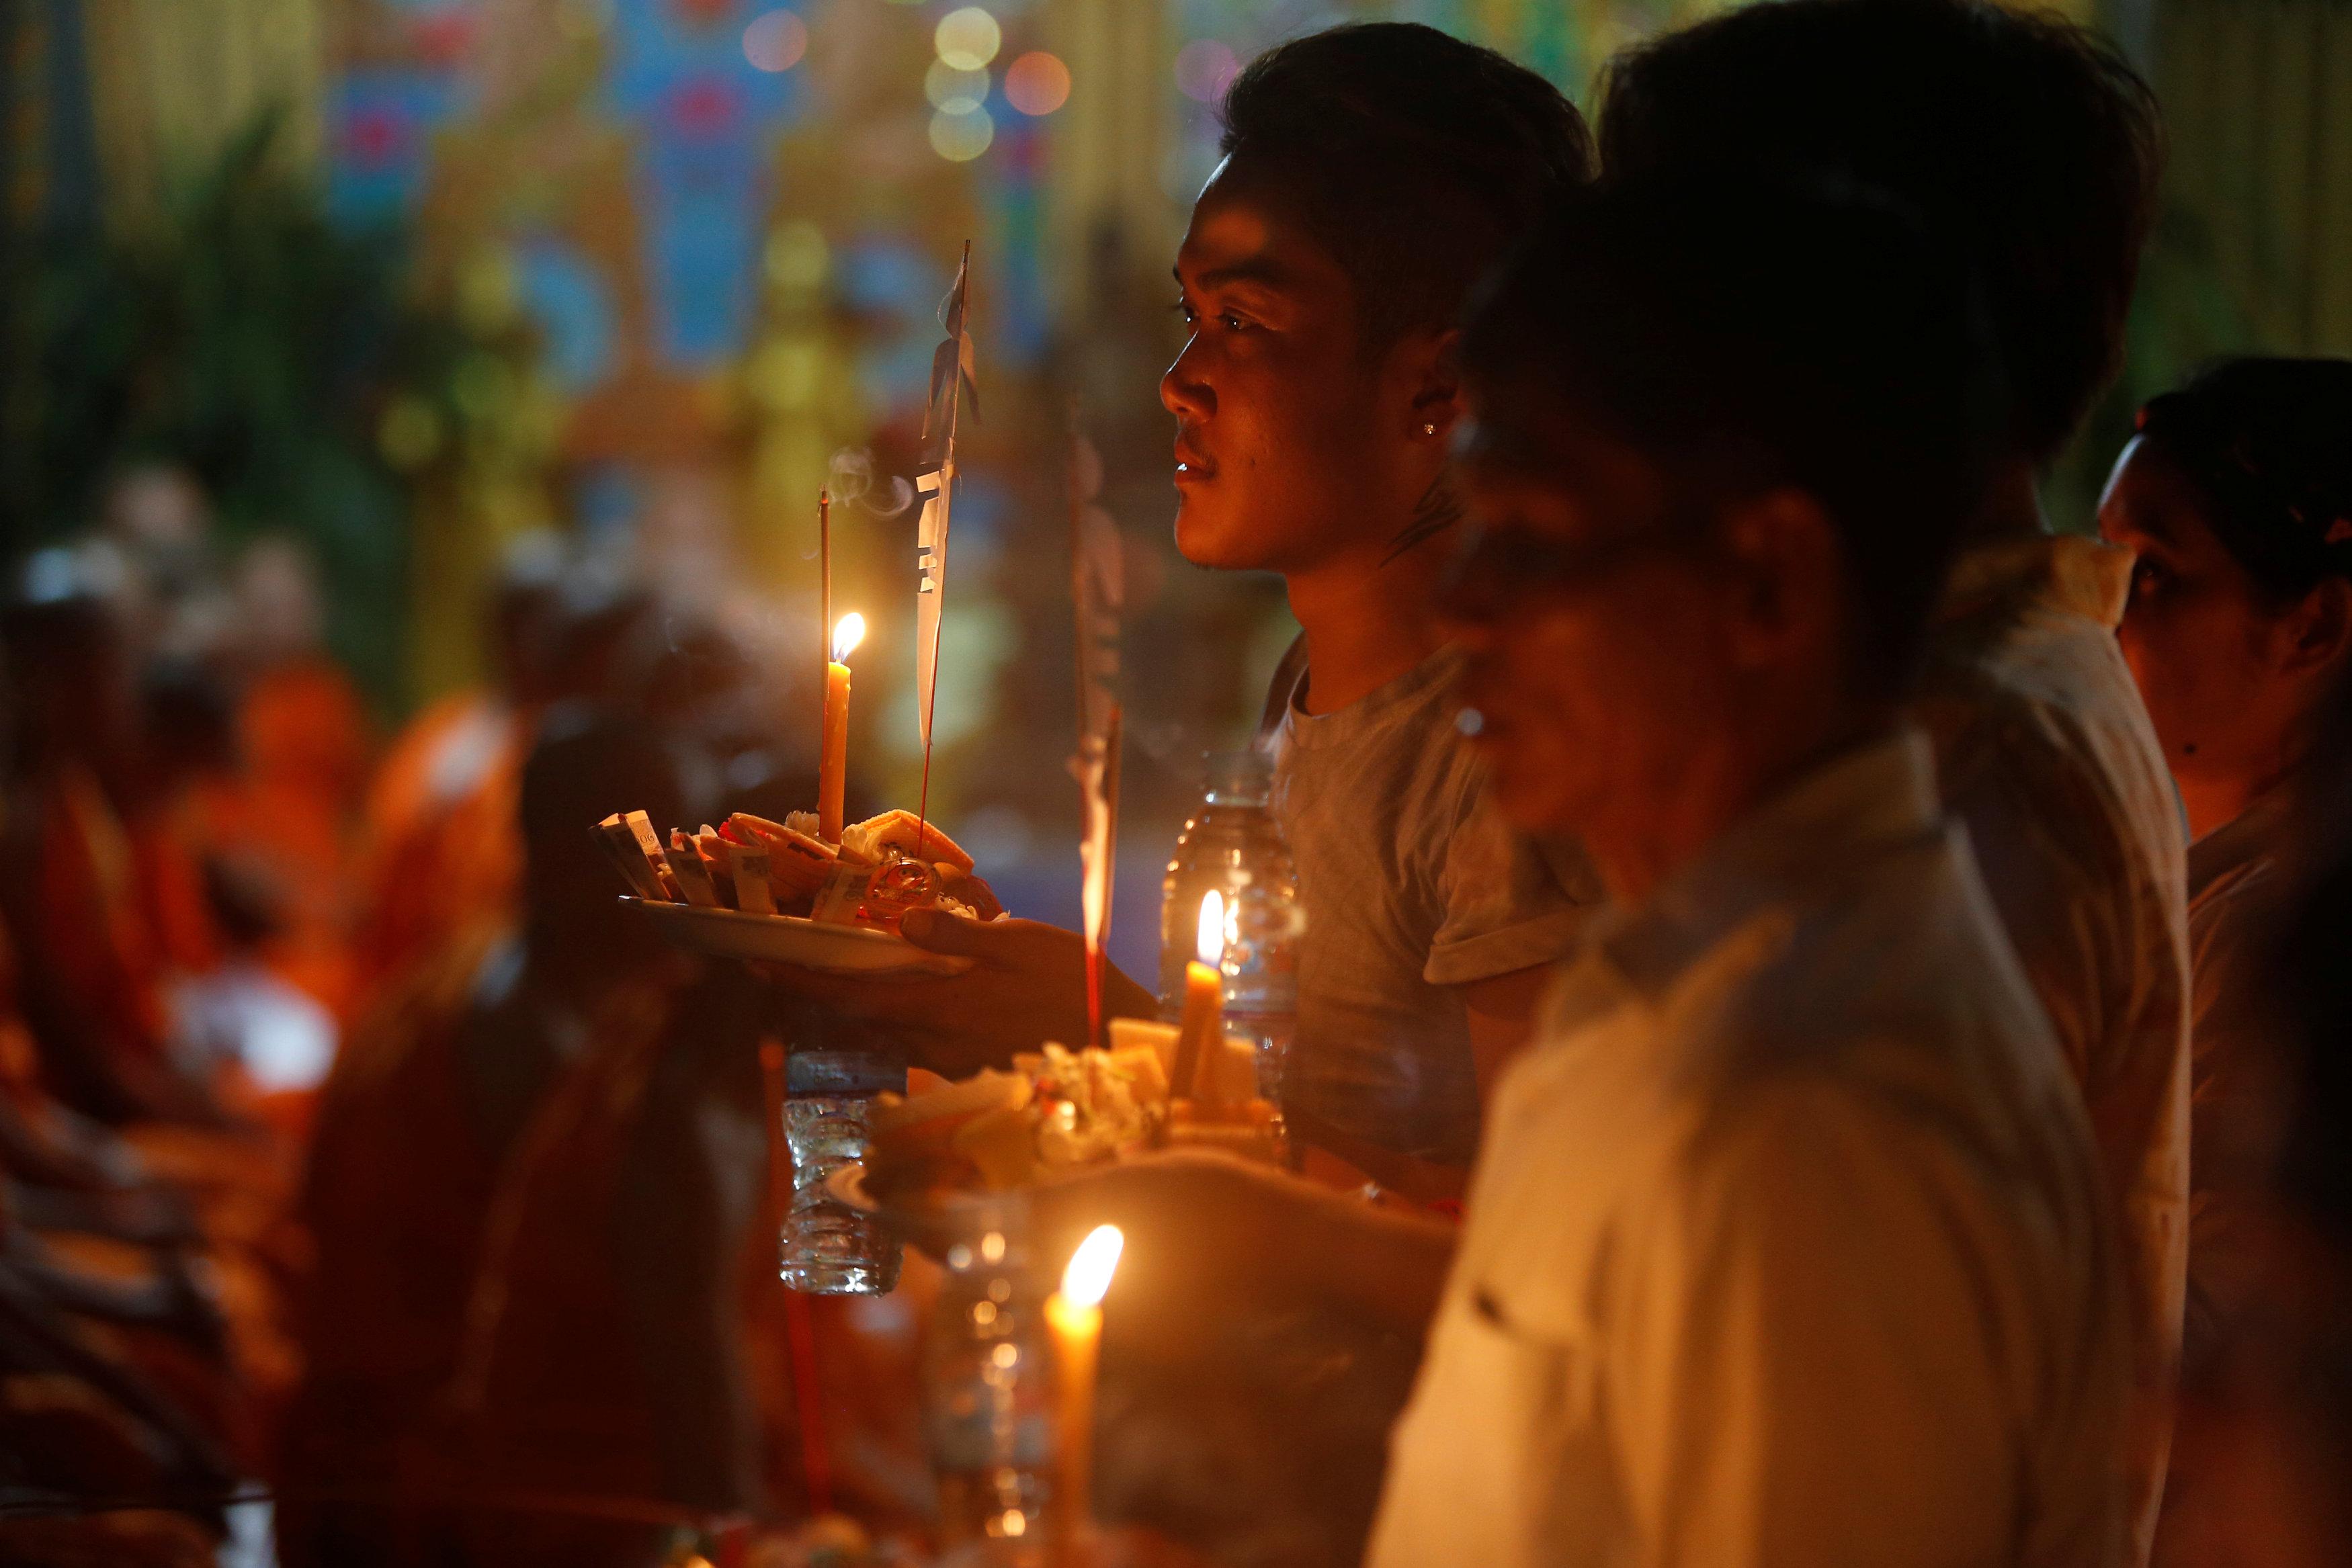 بالشموع والطعام يحتفل الكمبوديون بمهرجان الموتى